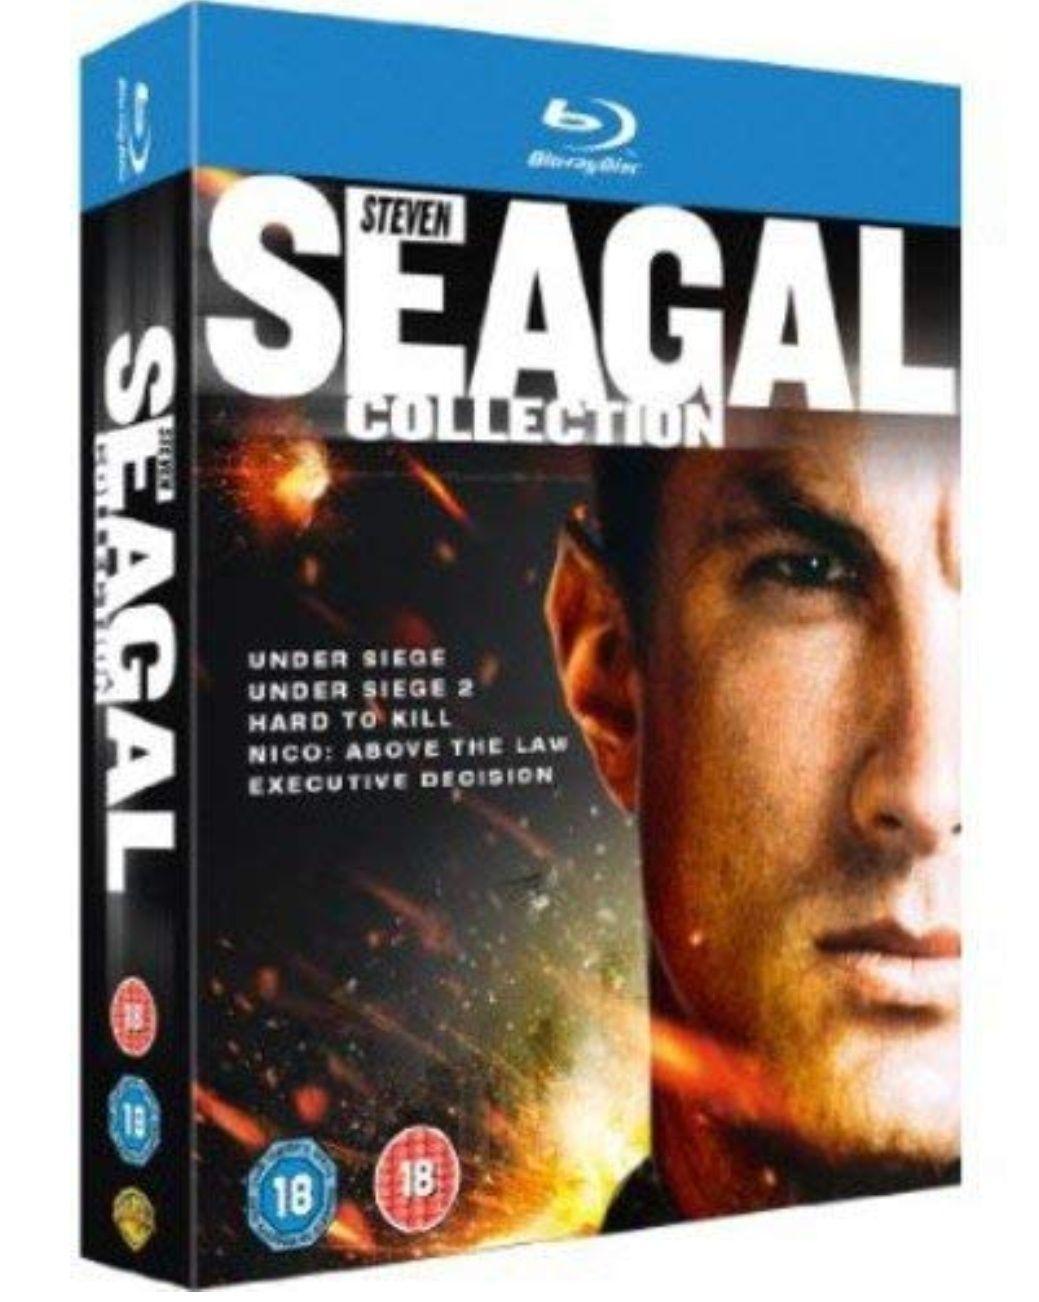 The Steven Seagal Collection [Blu-ray] - £7.99 (Prime / £10.98 non Prime) @ Amazon